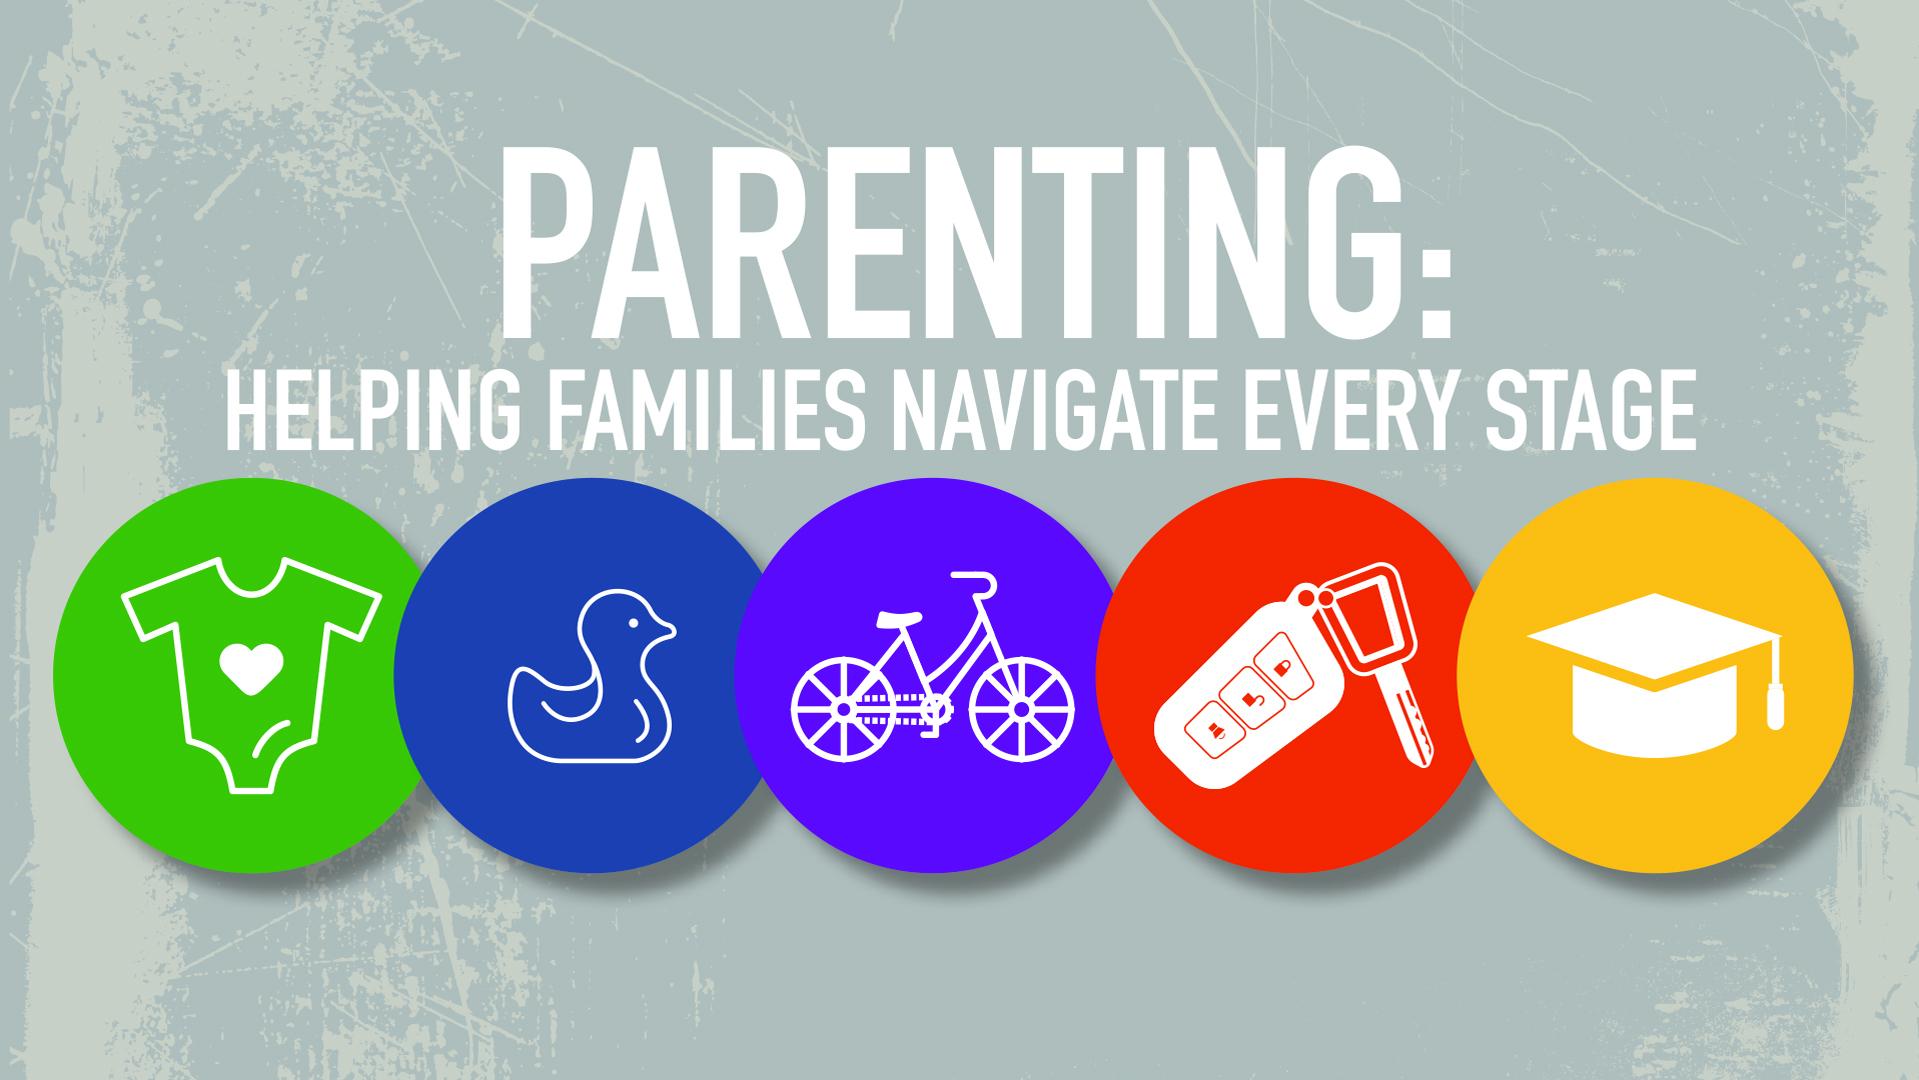 PARENTwebpage.jpg